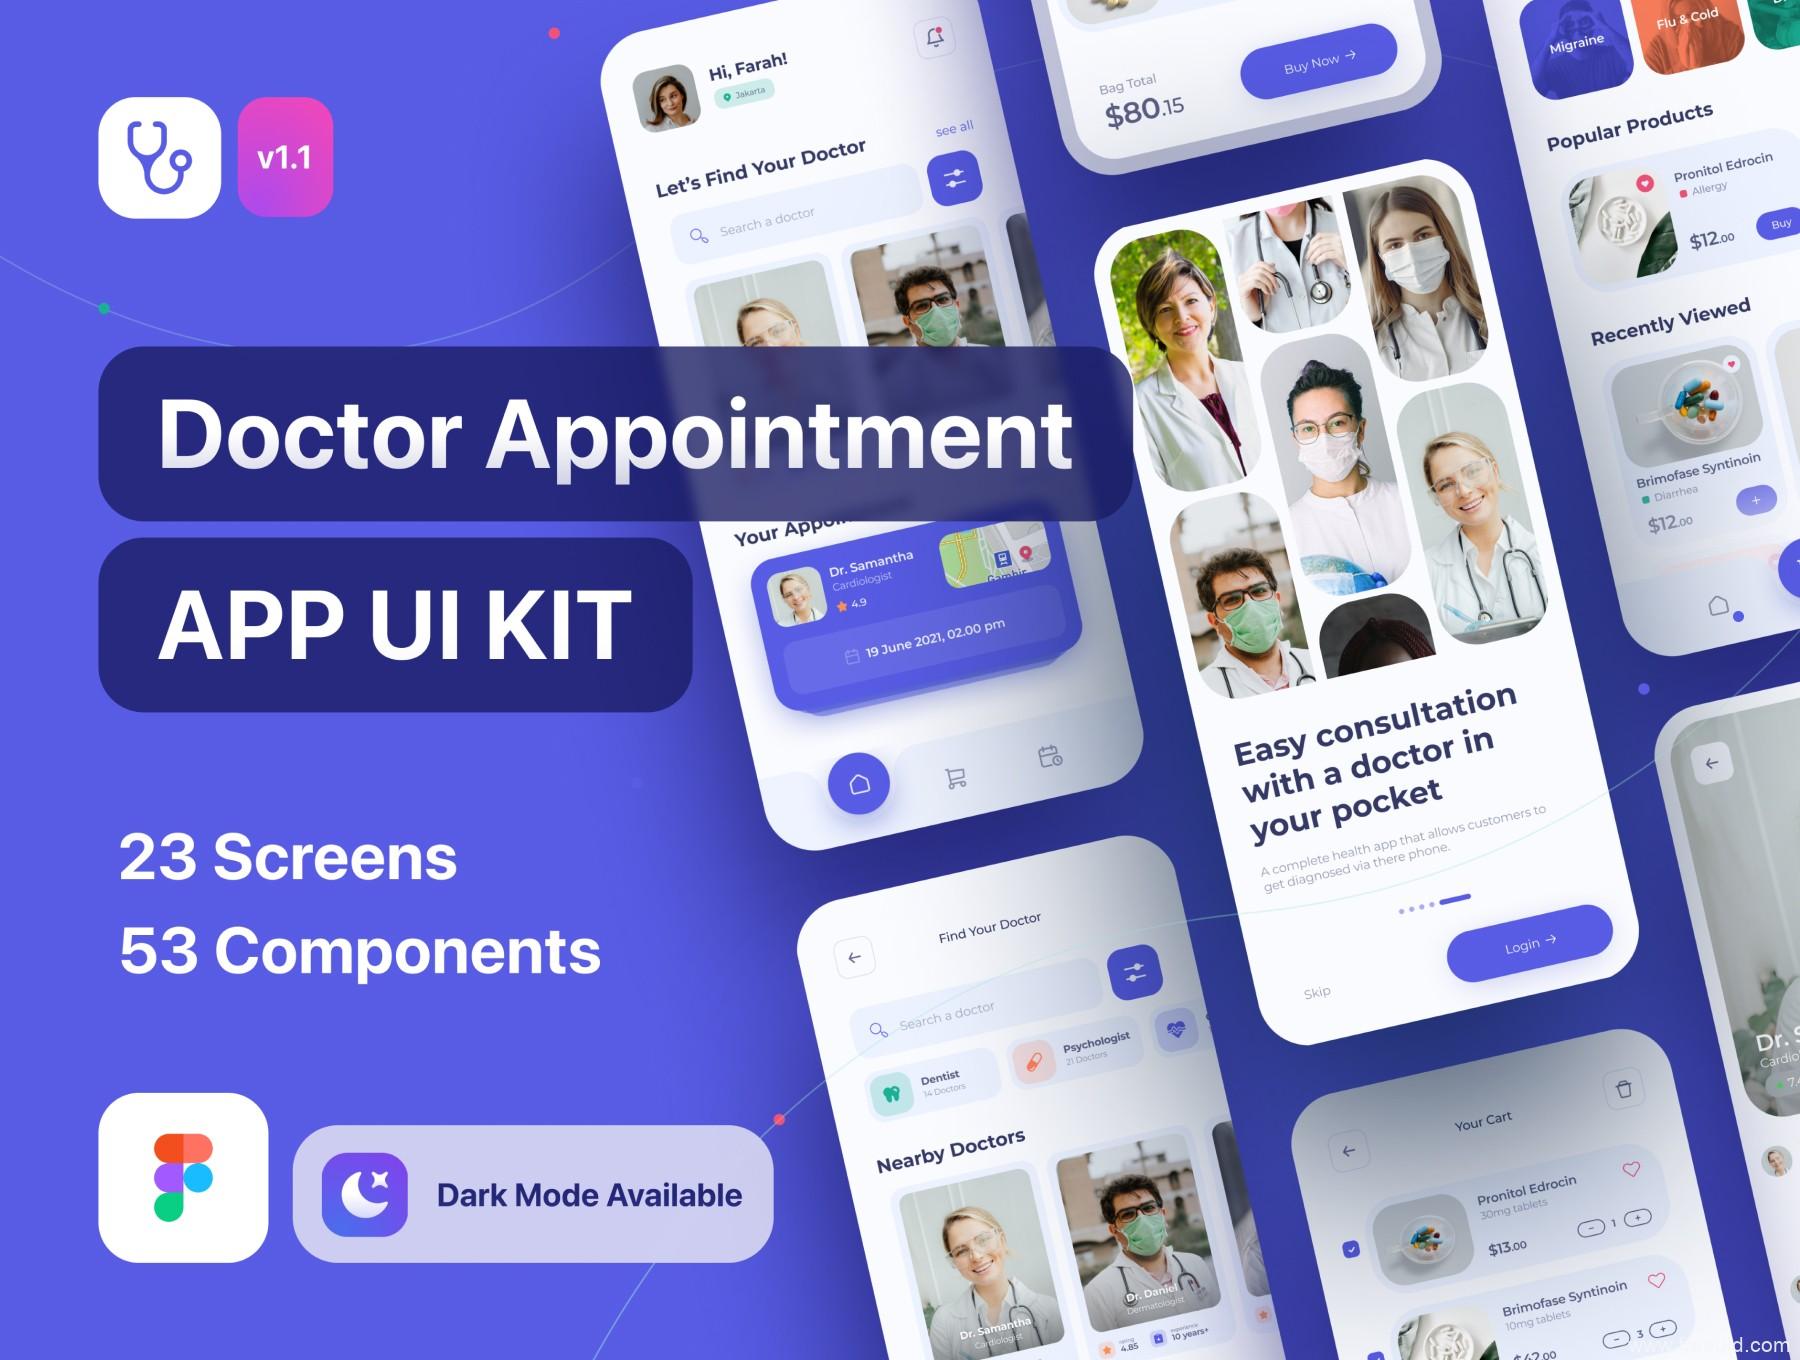 一套在线医疗app UI界面设计fig源文件,在线医生问诊UI设计资源素材